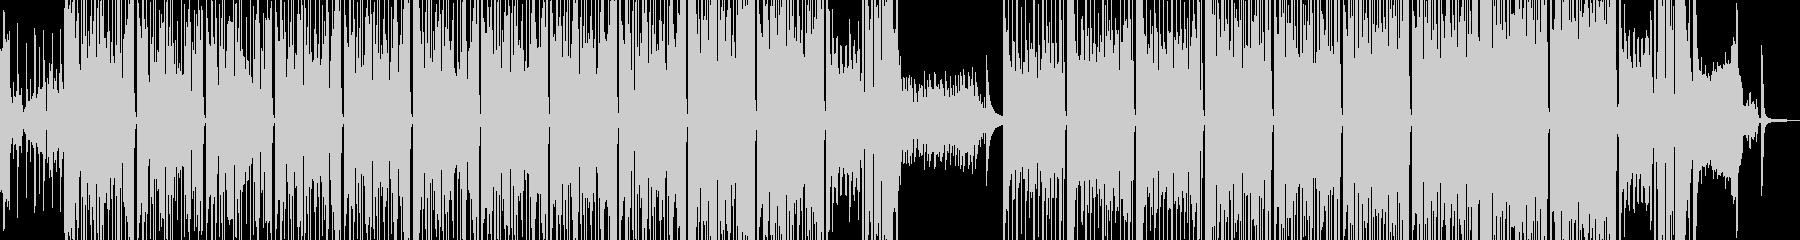 タイム制限クイズ・前半後半でドラムが変化の未再生の波形